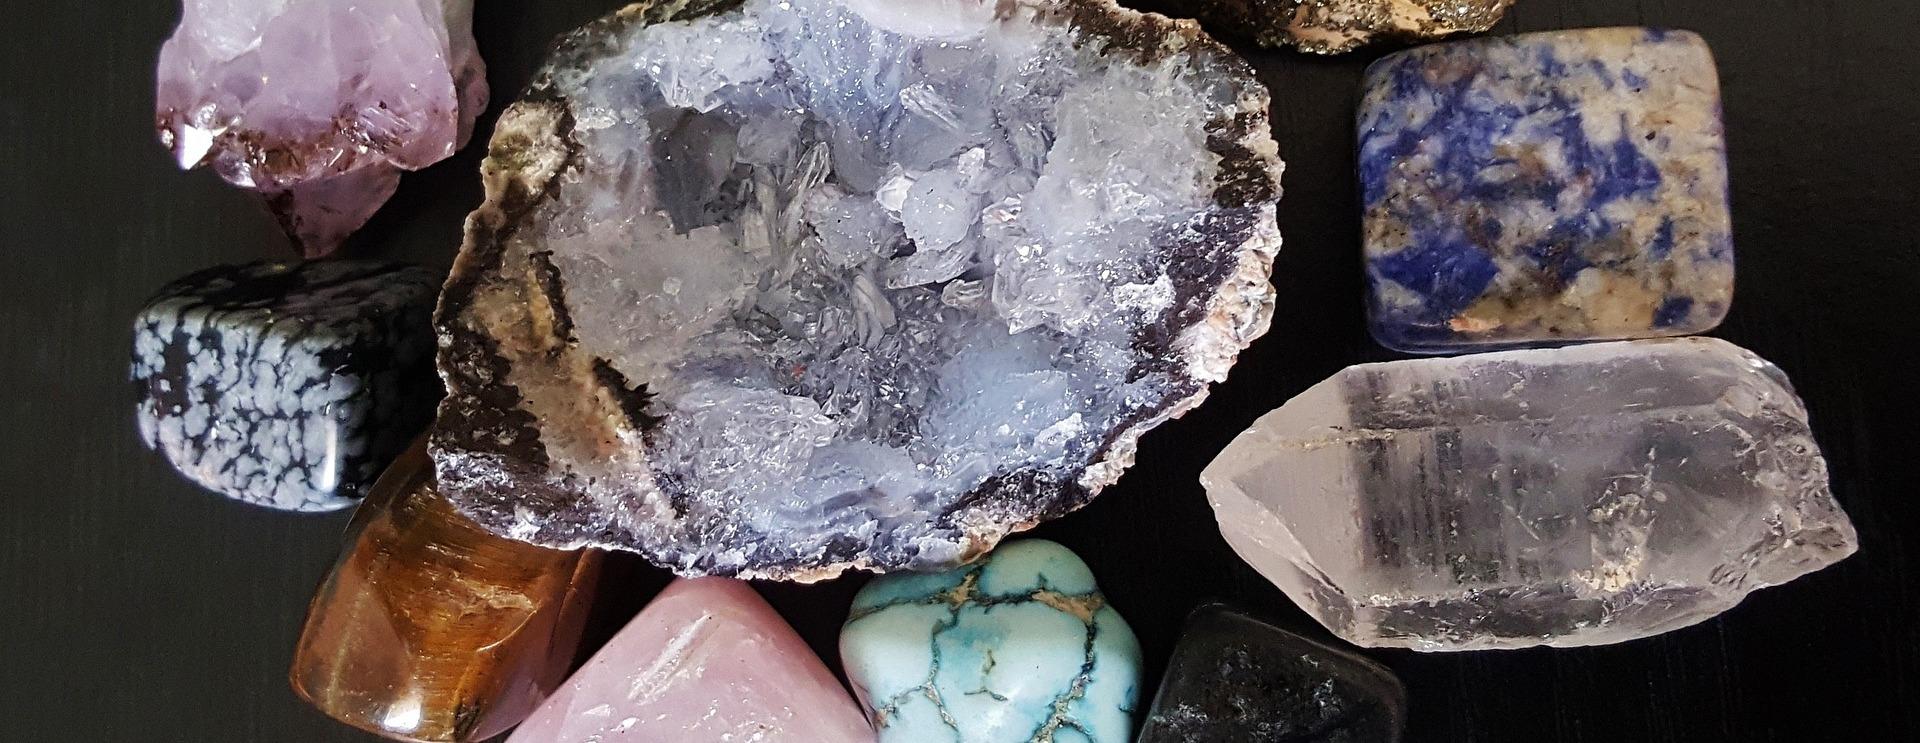 «Алмазный НТЦ» создаст линейку российских высокотехнологичных приборов для идентификации драгоценных камней